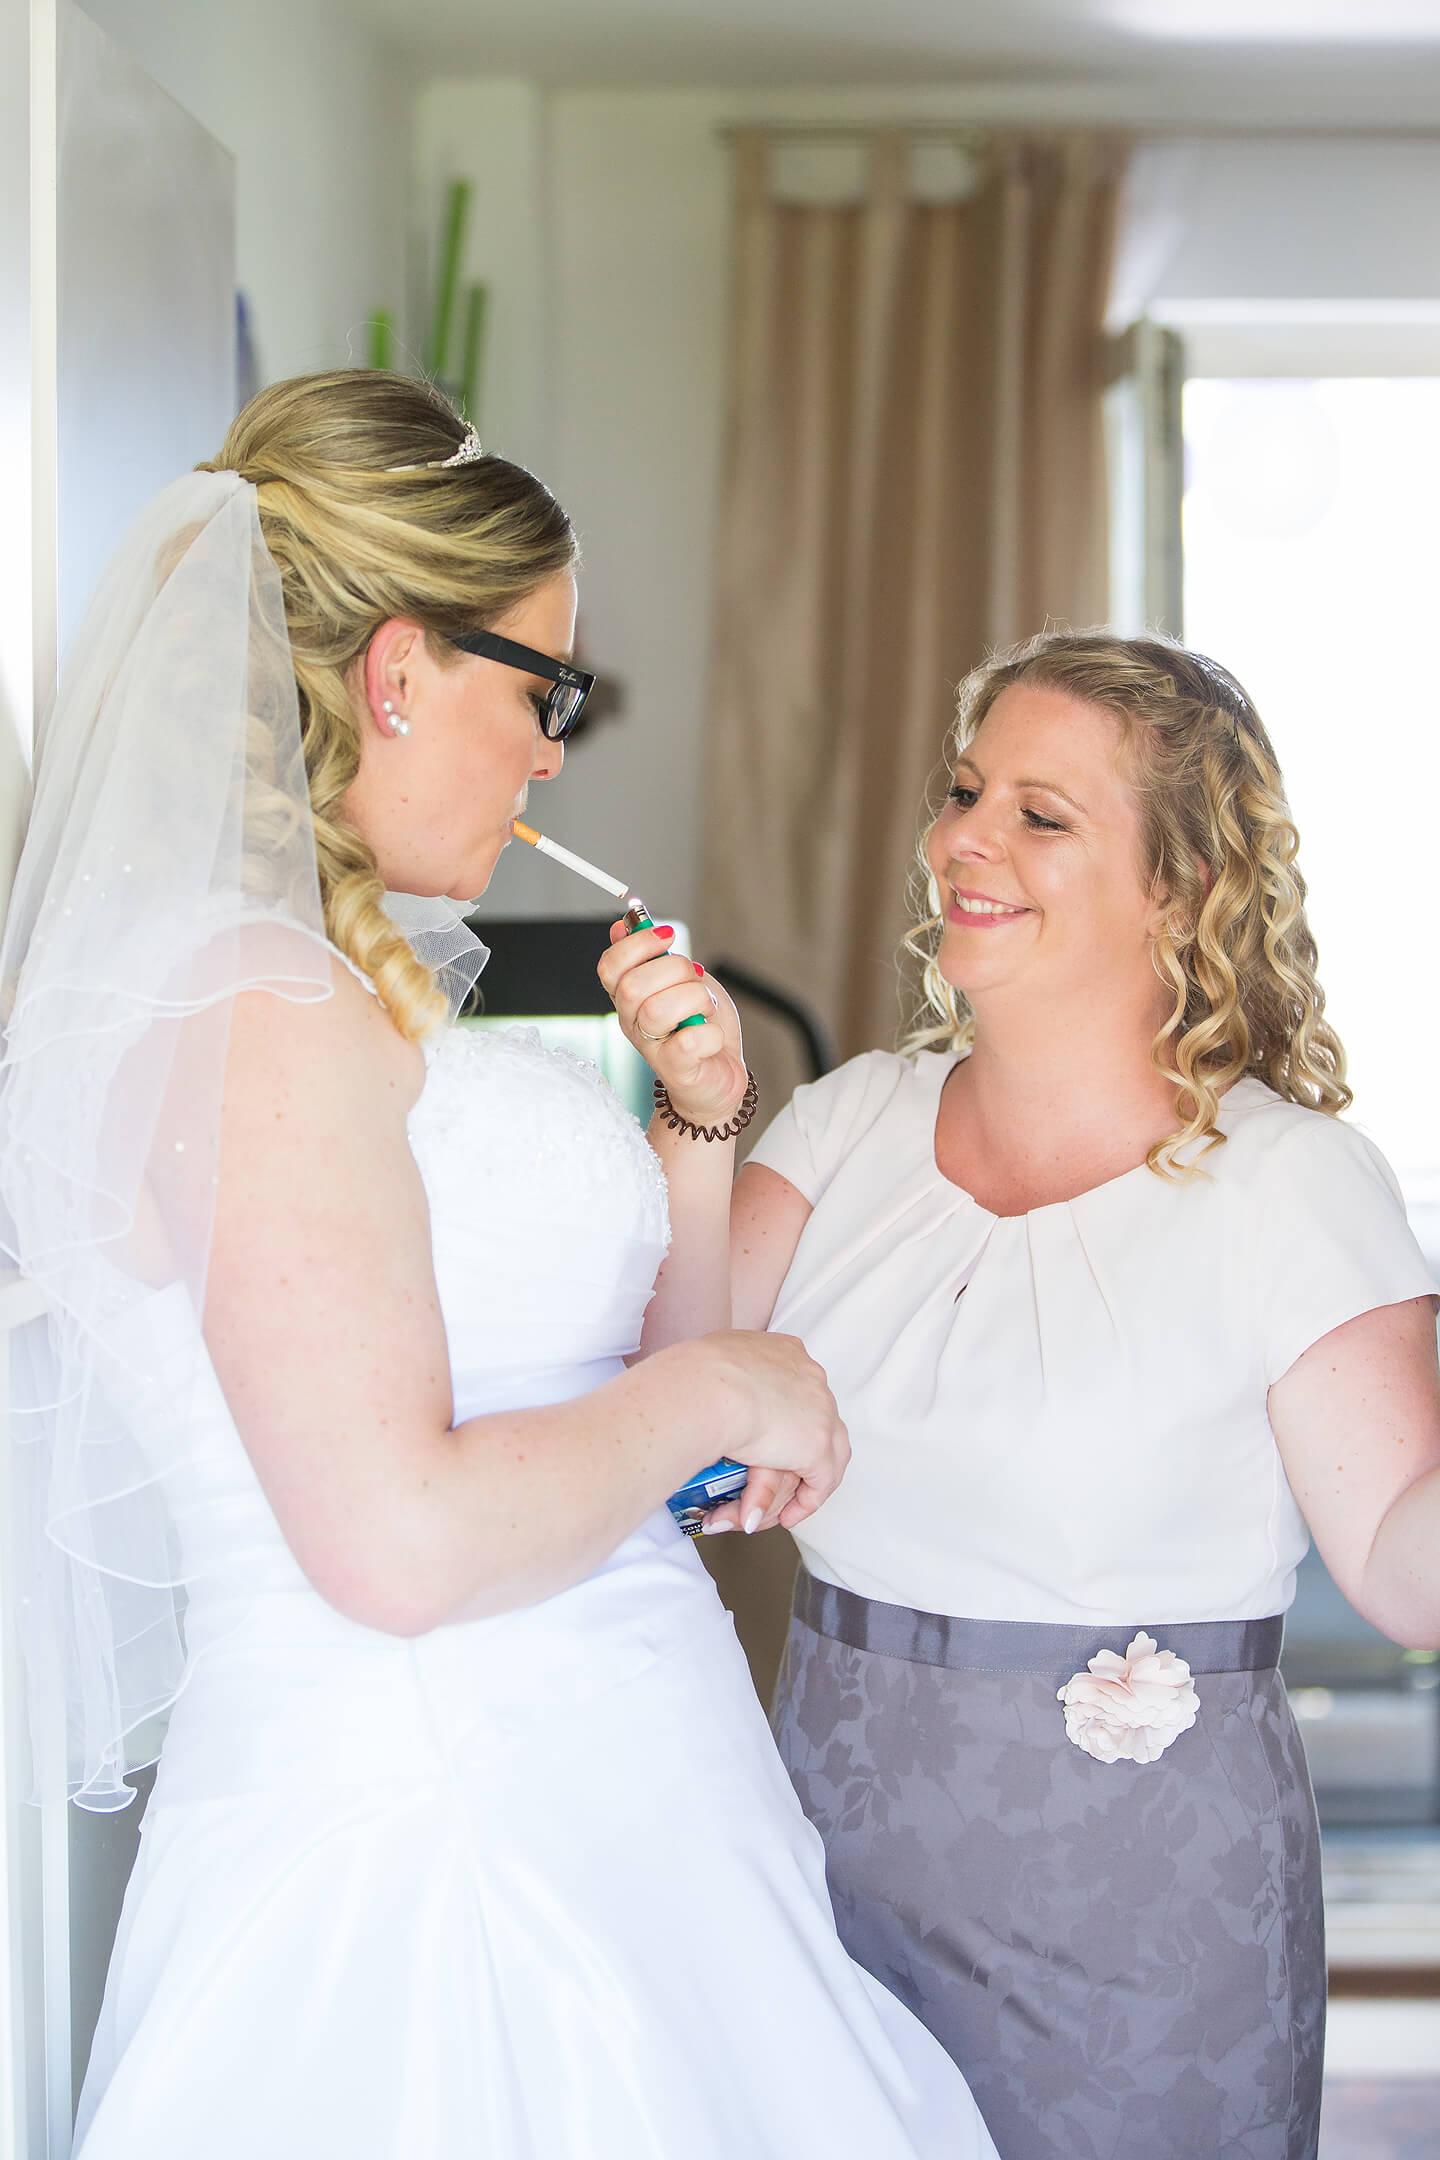 Braut und Trauuzeugin während der Vorbereitungen